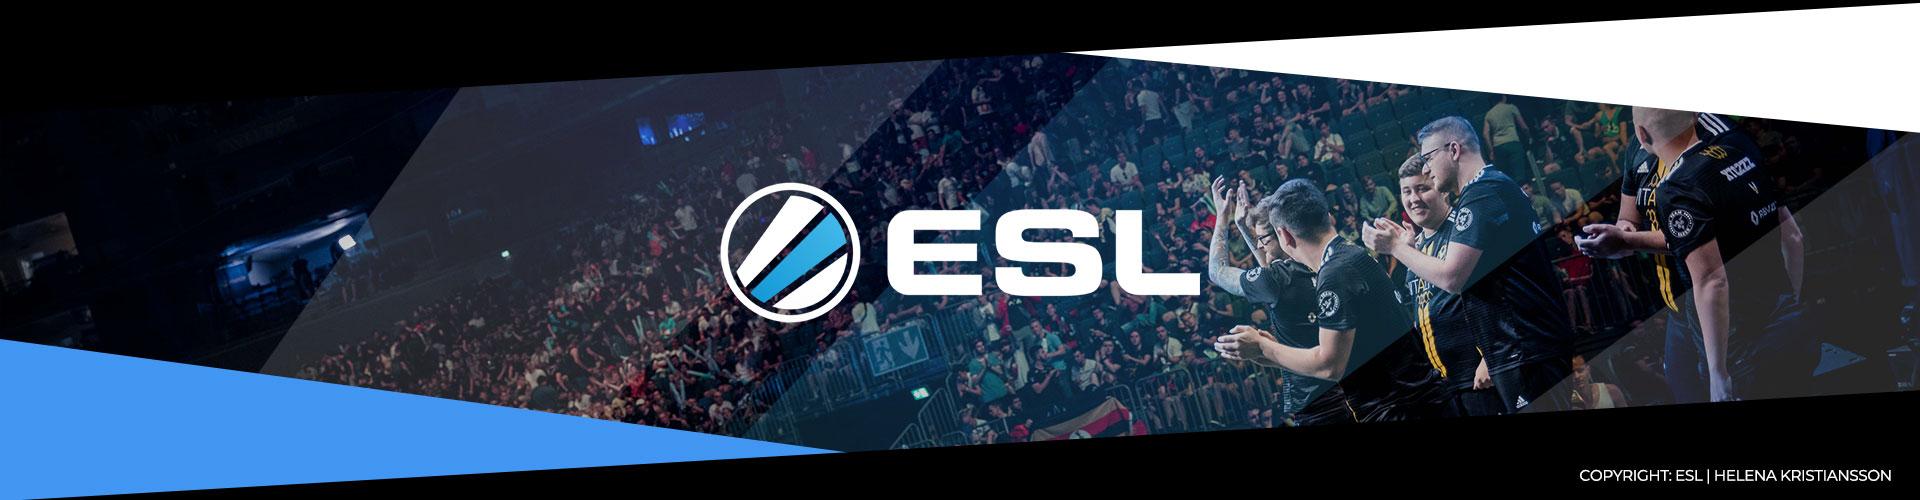 Eventsida för ESL One Cologne som spelades i Juli 2019